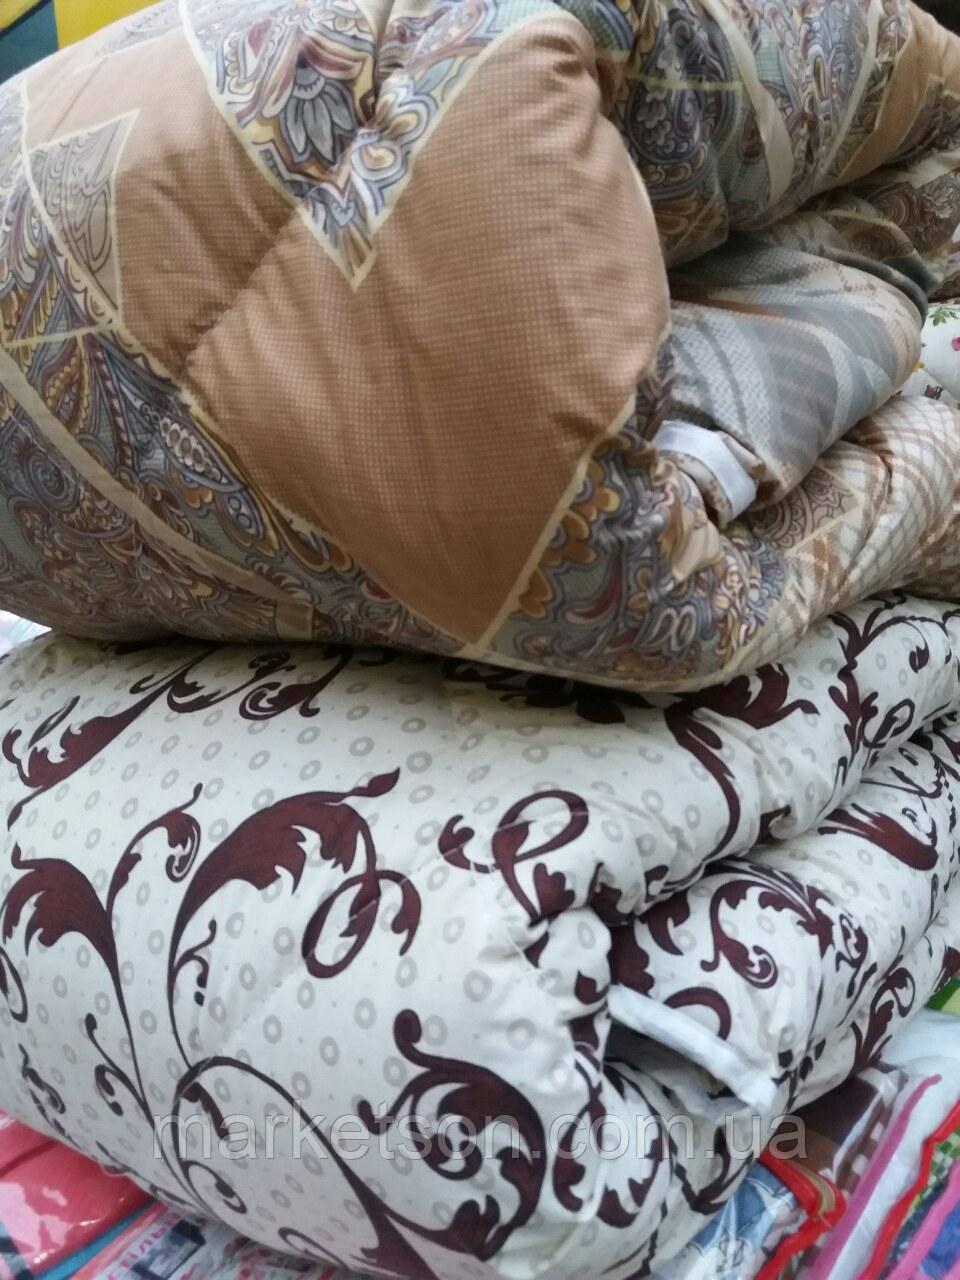 Теплое одеяло из овечьей шерсти 195х215. Хлопок. Цвета разные.